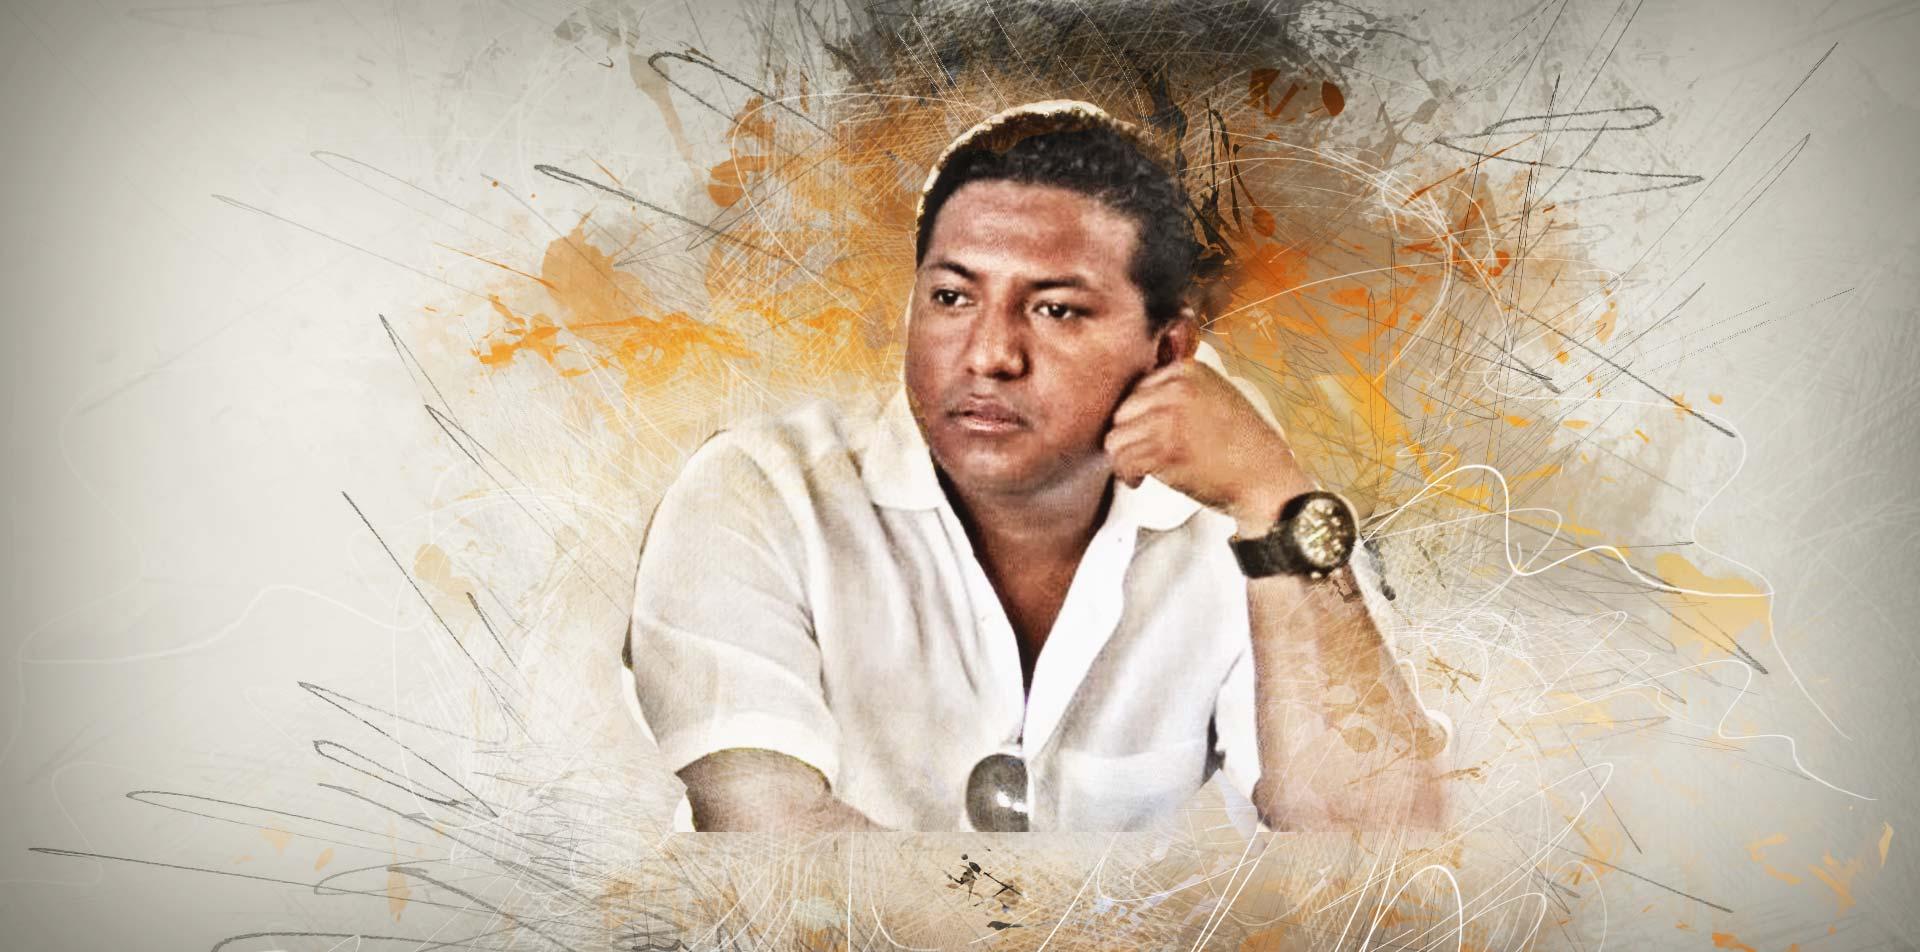 EDGAR HERNÁNDEZ GARCÍA